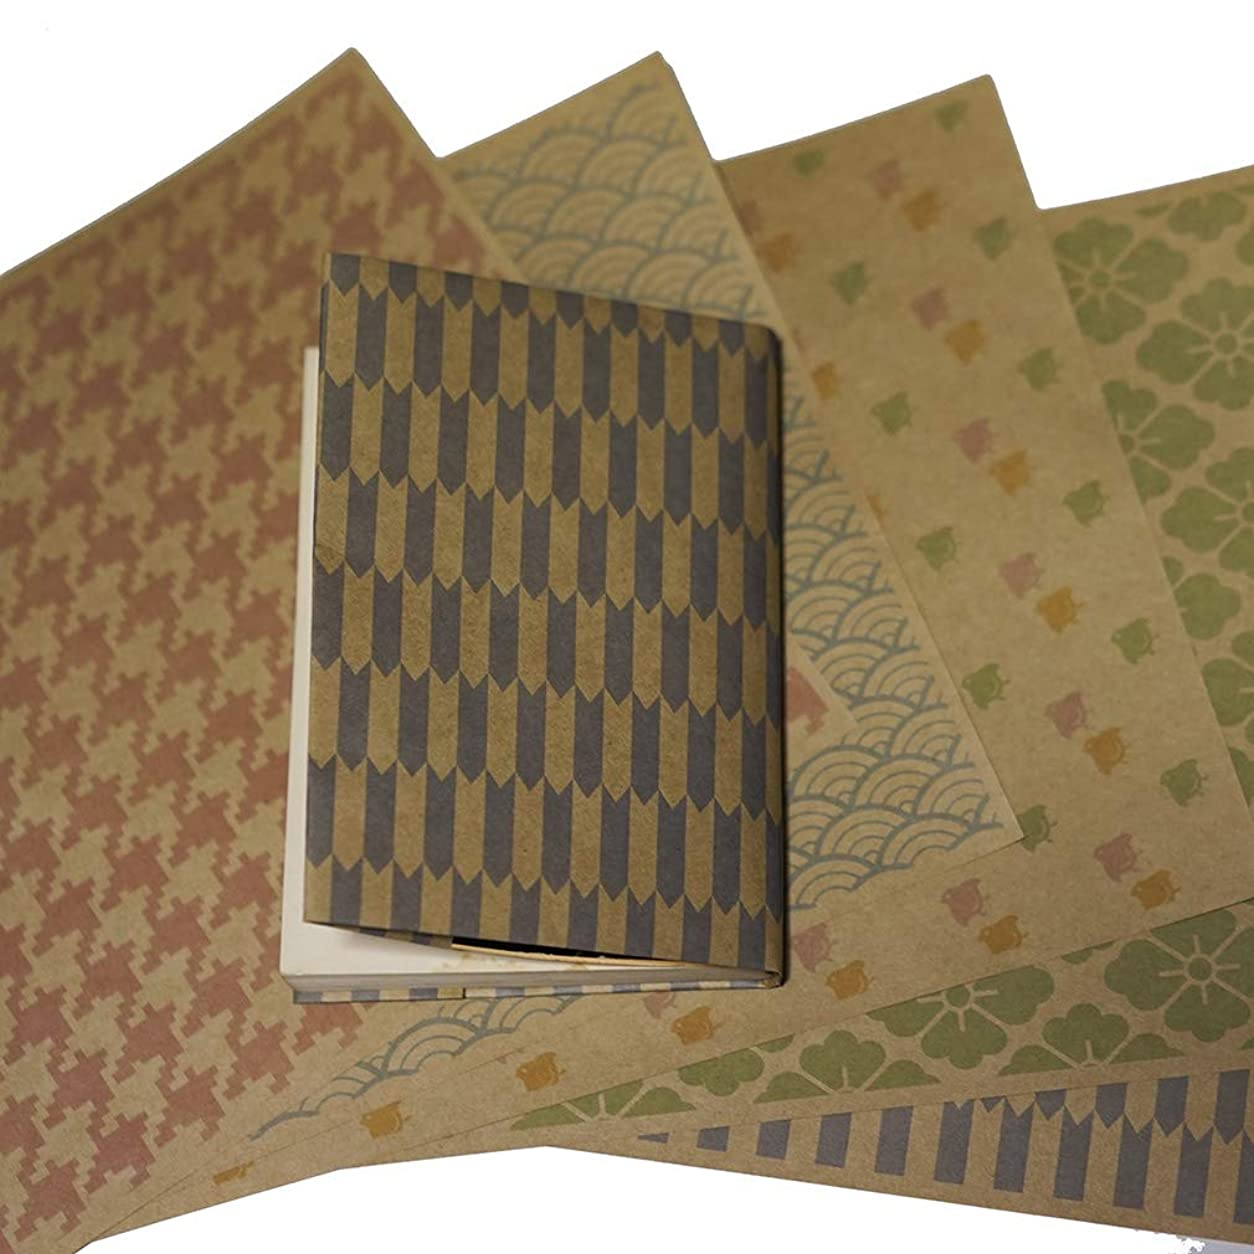 プロポーショナル息切れ君主紙製ブックカバー 和柄パターン(カラー) (クラフト紙)